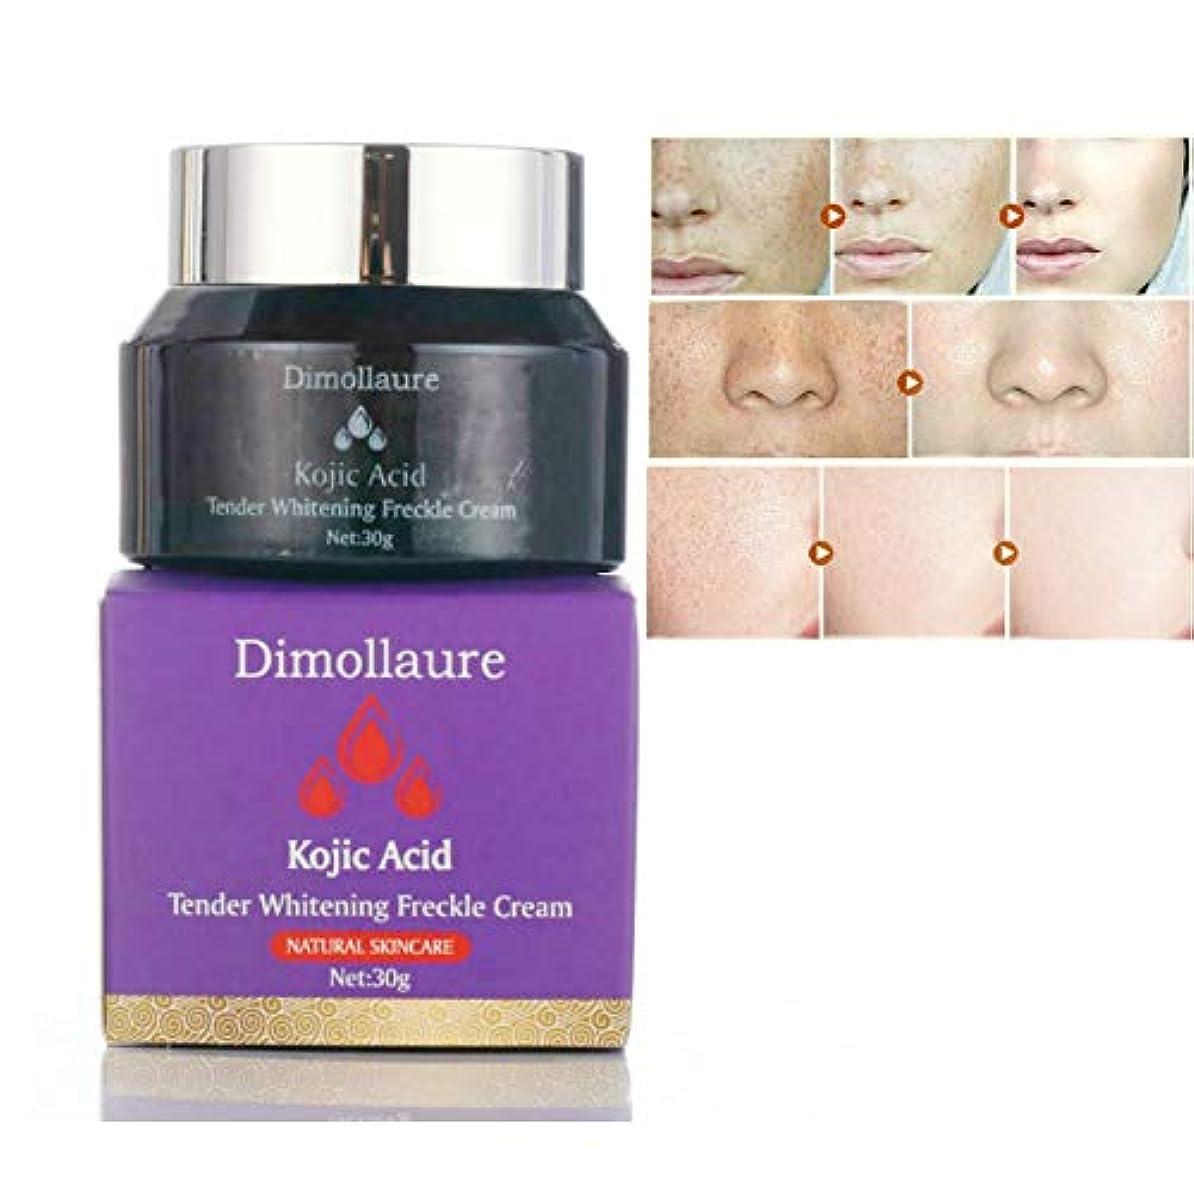 Dimollaureコウジ寧クリーム30グラムのしわの除去そばかす肝斑にきび瘢痕顔料年齢スポットメラニン日のスポットフェイスクリーム